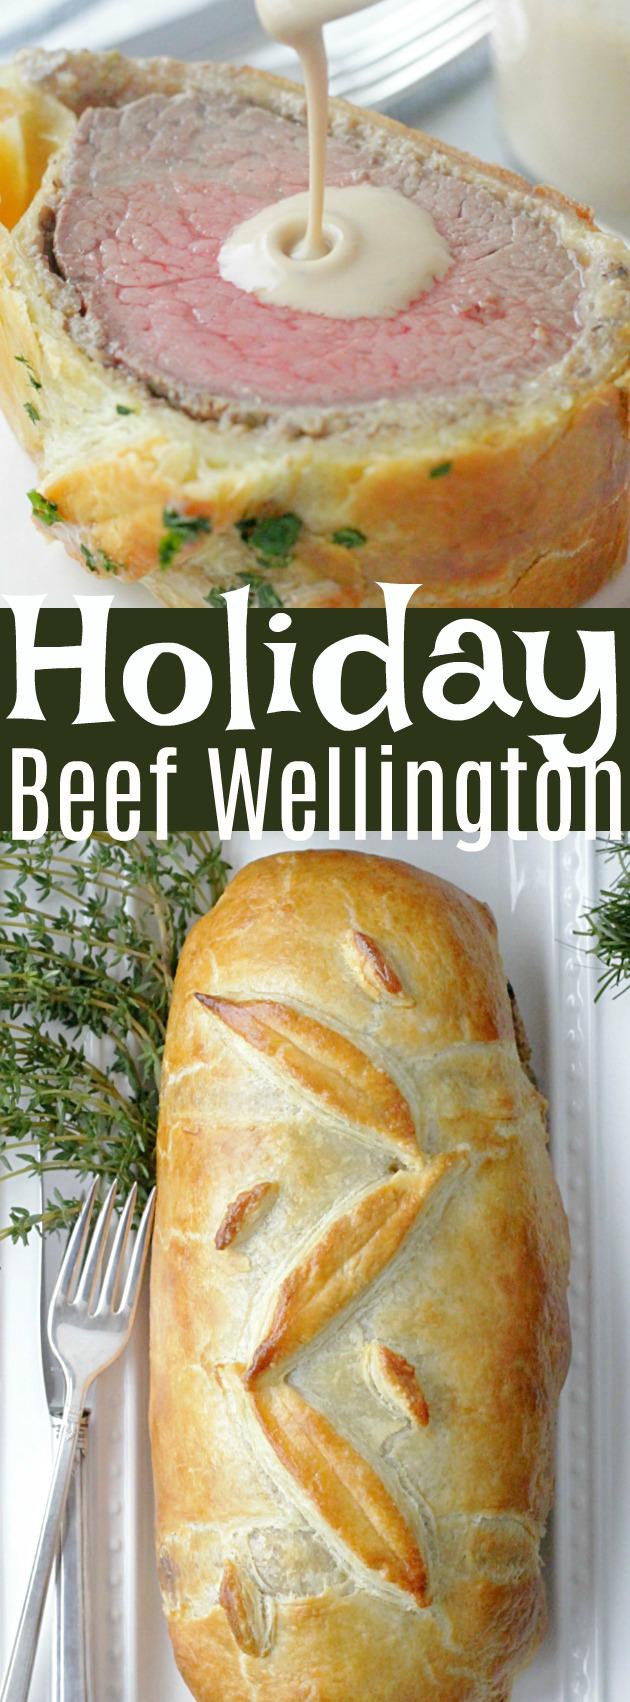 Holiday Beef Wellington #ohbeef #ad